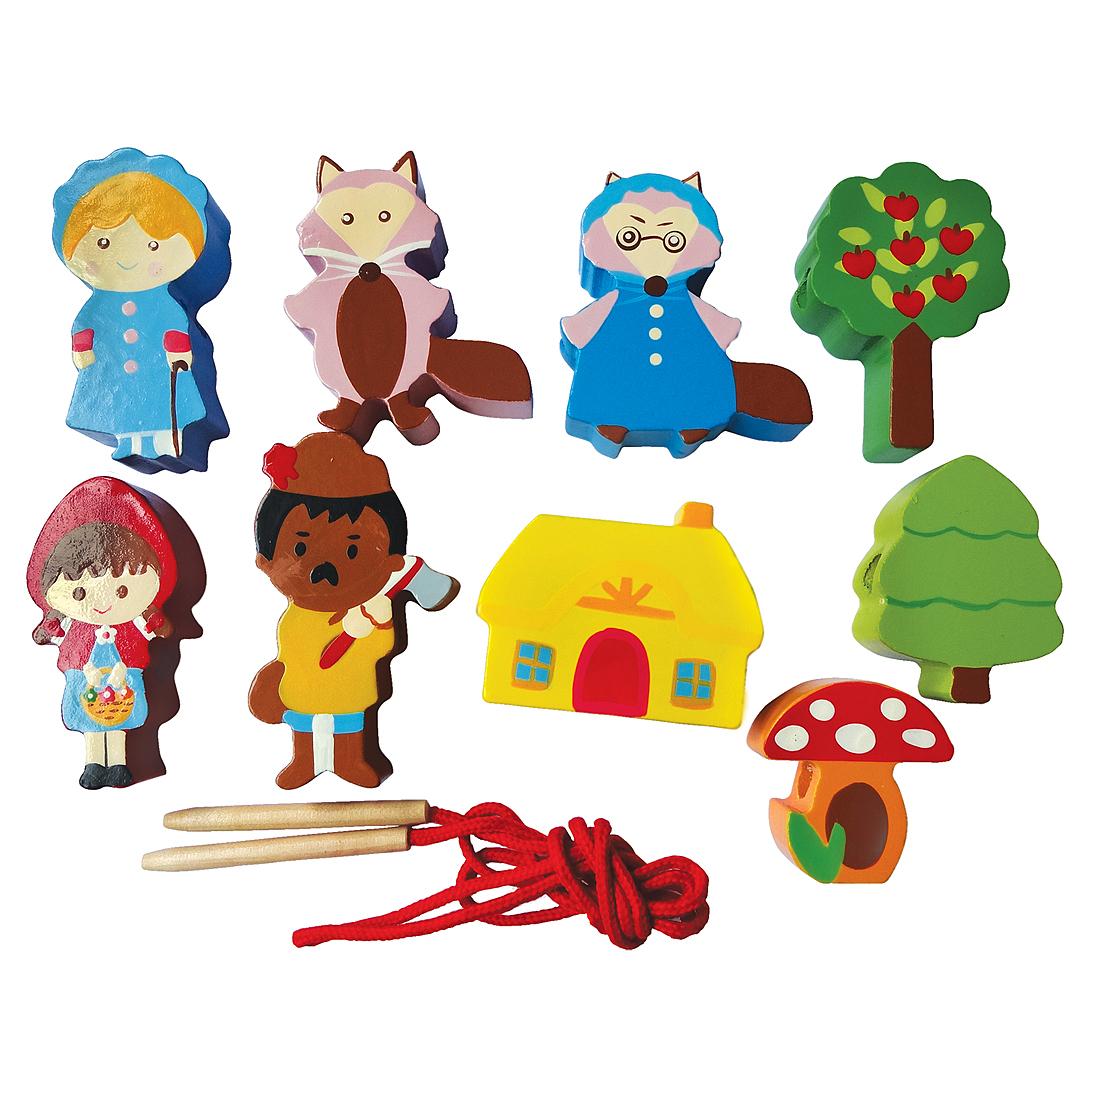 Деревянные игрушки Mapacha Красная шапочка деревянные игрушки mapacha лабиринт маленький